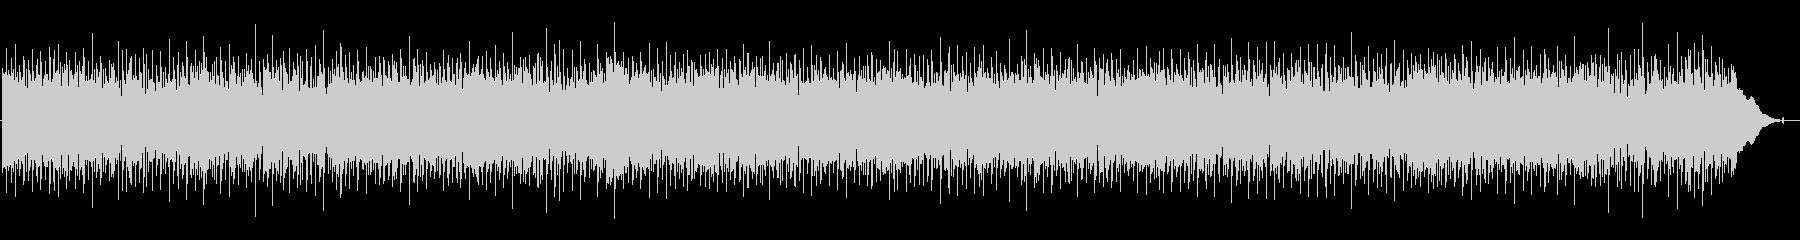 ハードなロックの未再生の波形